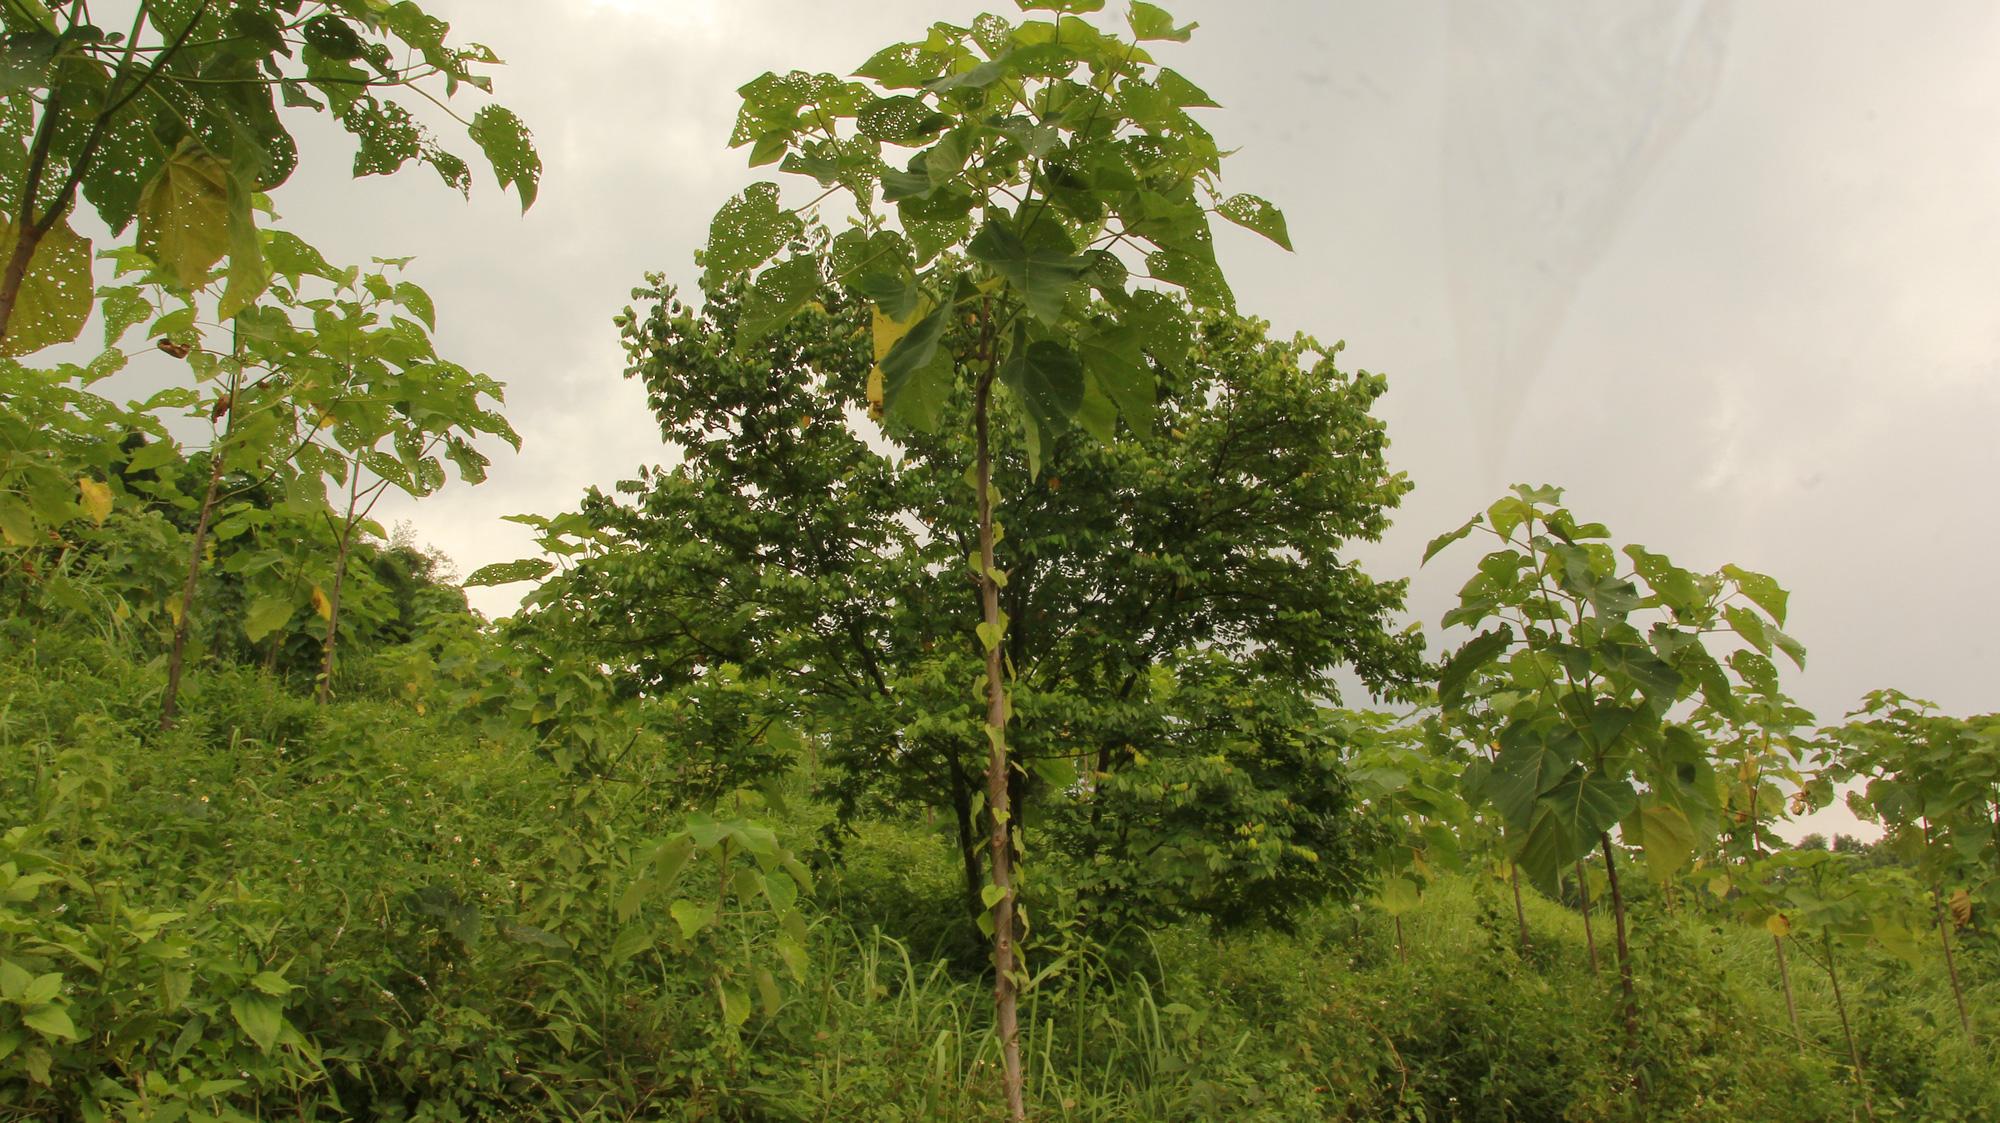 Hà Nội: Nông dân trồng thứ cây gì mà được Cục trồng trọt cấp bằng bảo hộ tới 25 năm, quý hơn gỗ pơ mu? - Ảnh 2.